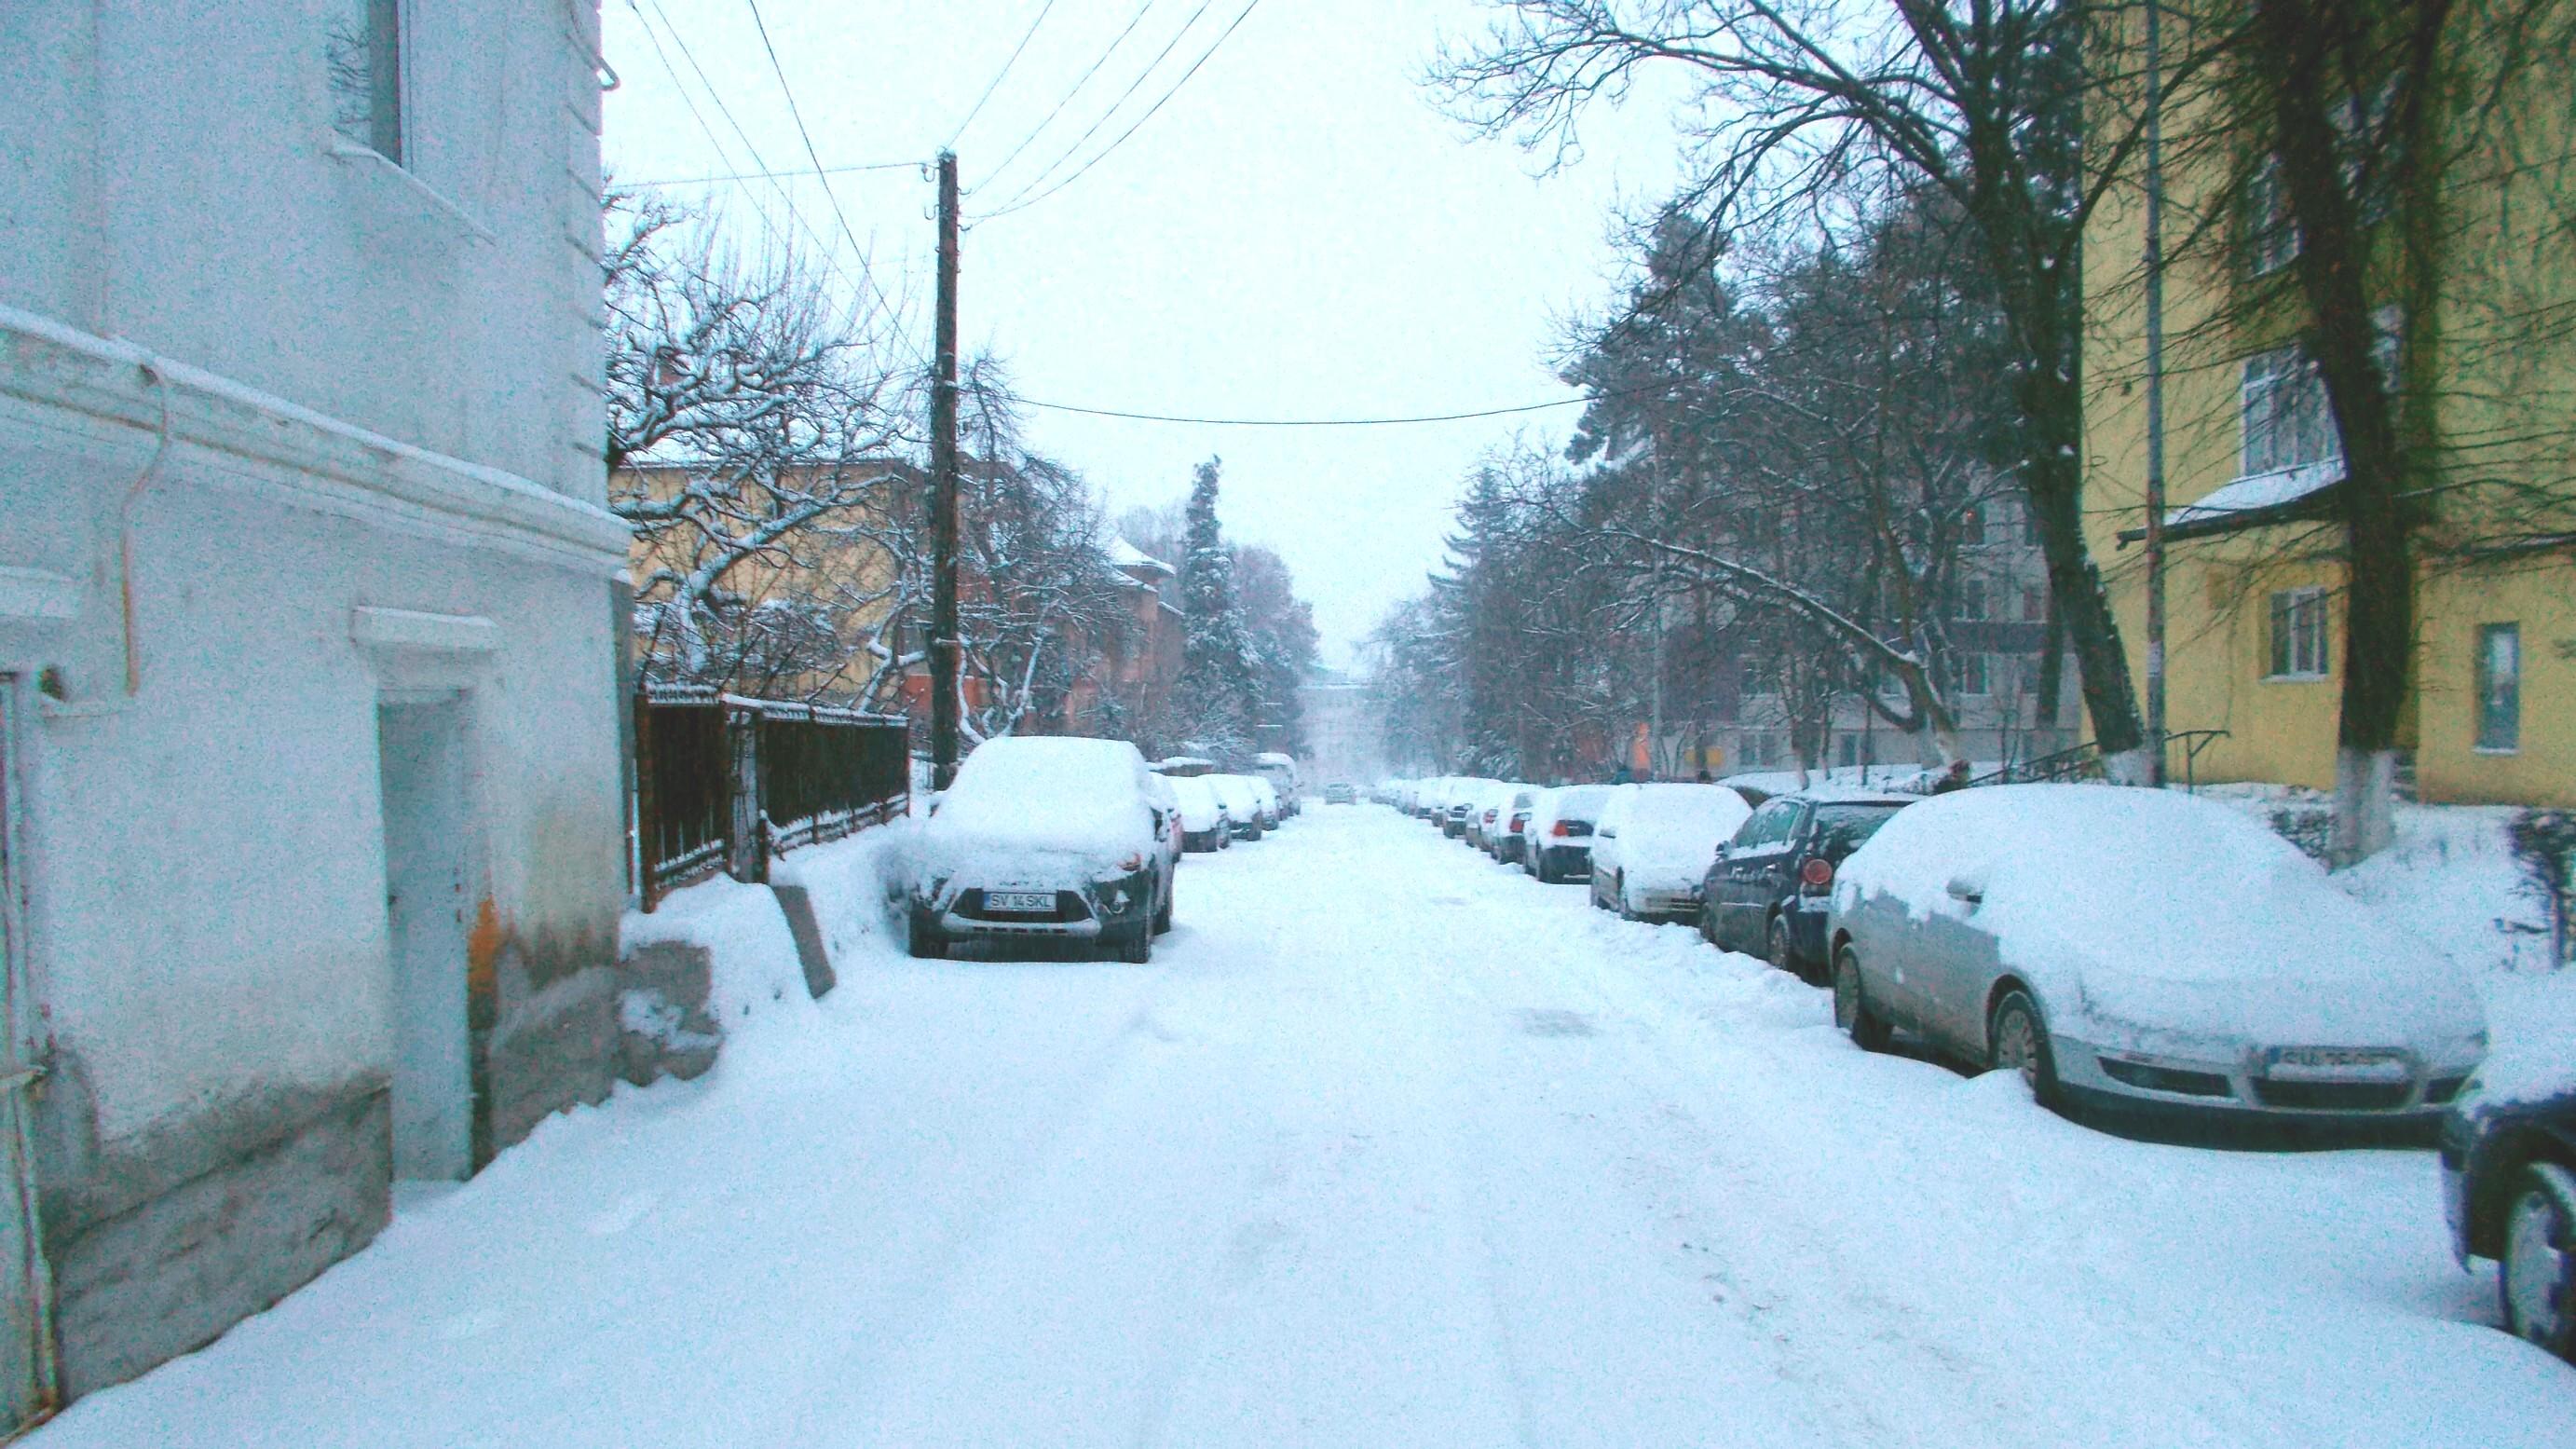 Ieri noapte a nins prin oraş, fiecare secol s-anvelit în ninsoare. Secolul, îmbrăcând singurătatea ca pe-o cămaşă de sare,